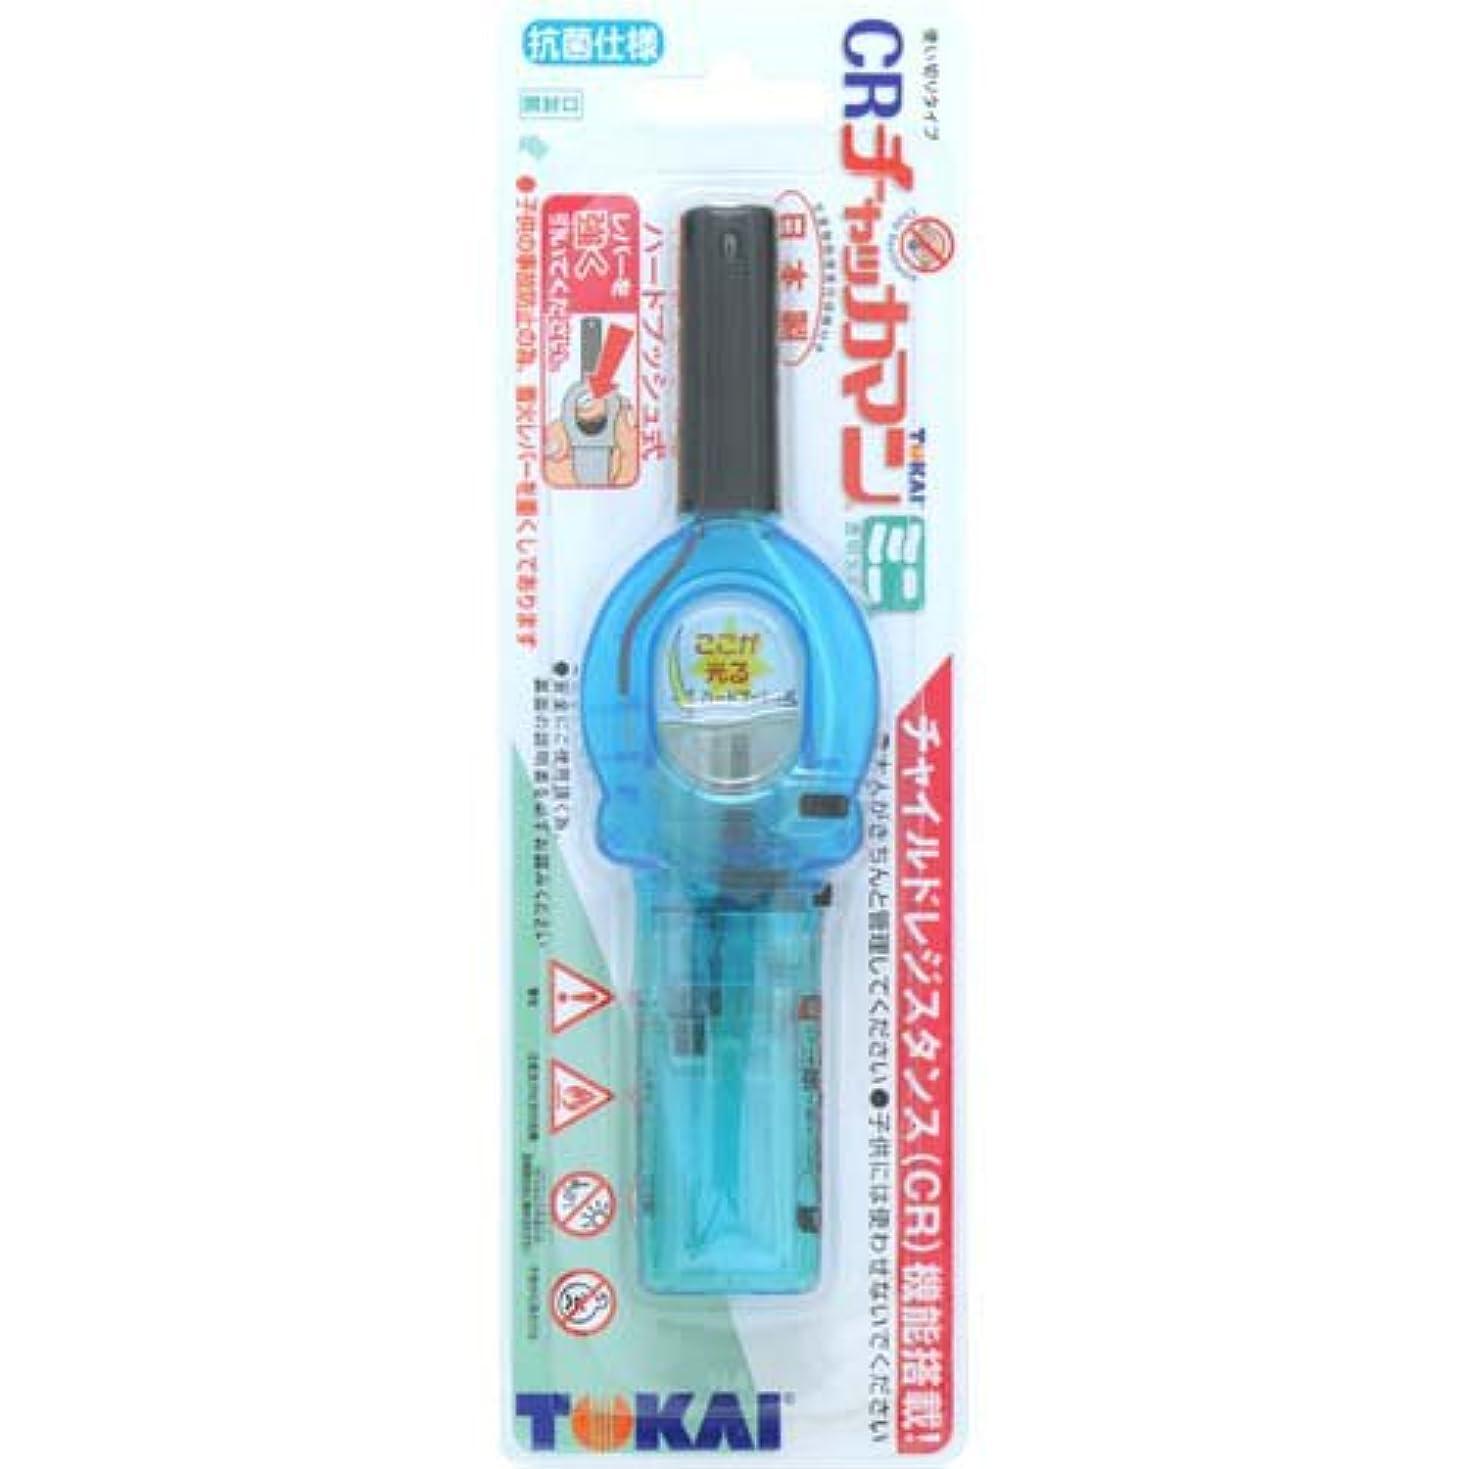 意味飽和するラケットCR光るチャッカマンミニ 透明タイプ